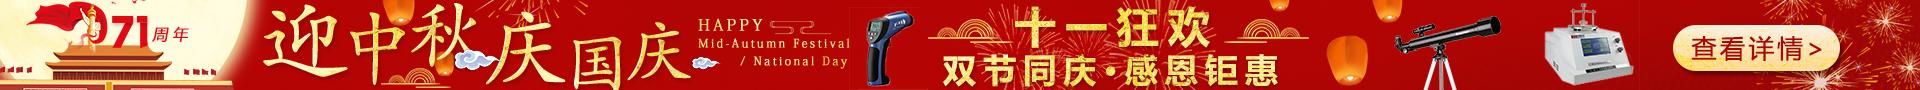 2020喜迎国庆71周年华诞,迎中秋,庆国庆